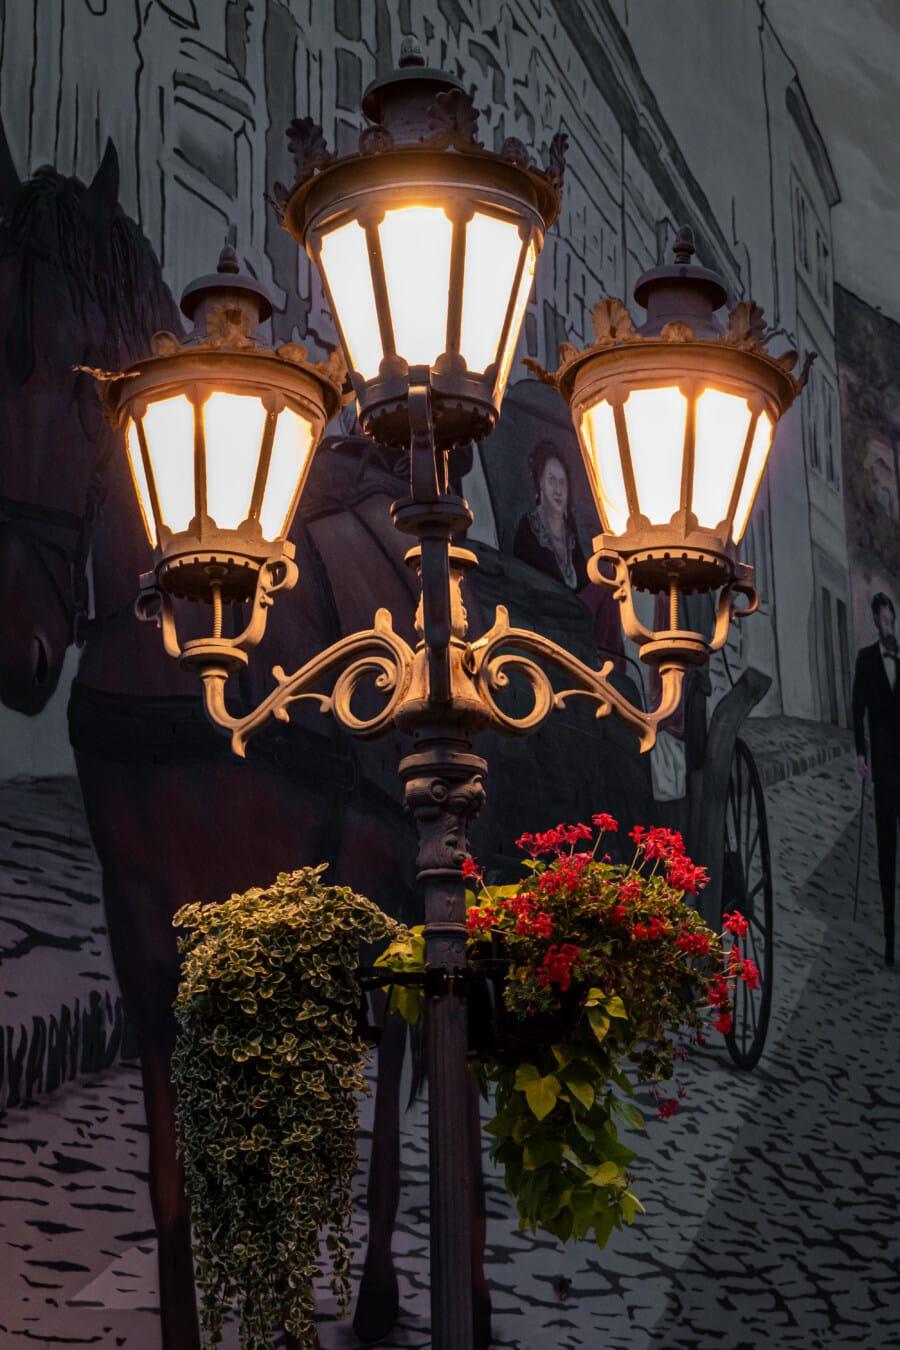 Lampe, aus Gusseisen, Straße, 'Nabend, Laterne, Architektur, alt, Klassiker, Kunst, traditionelle